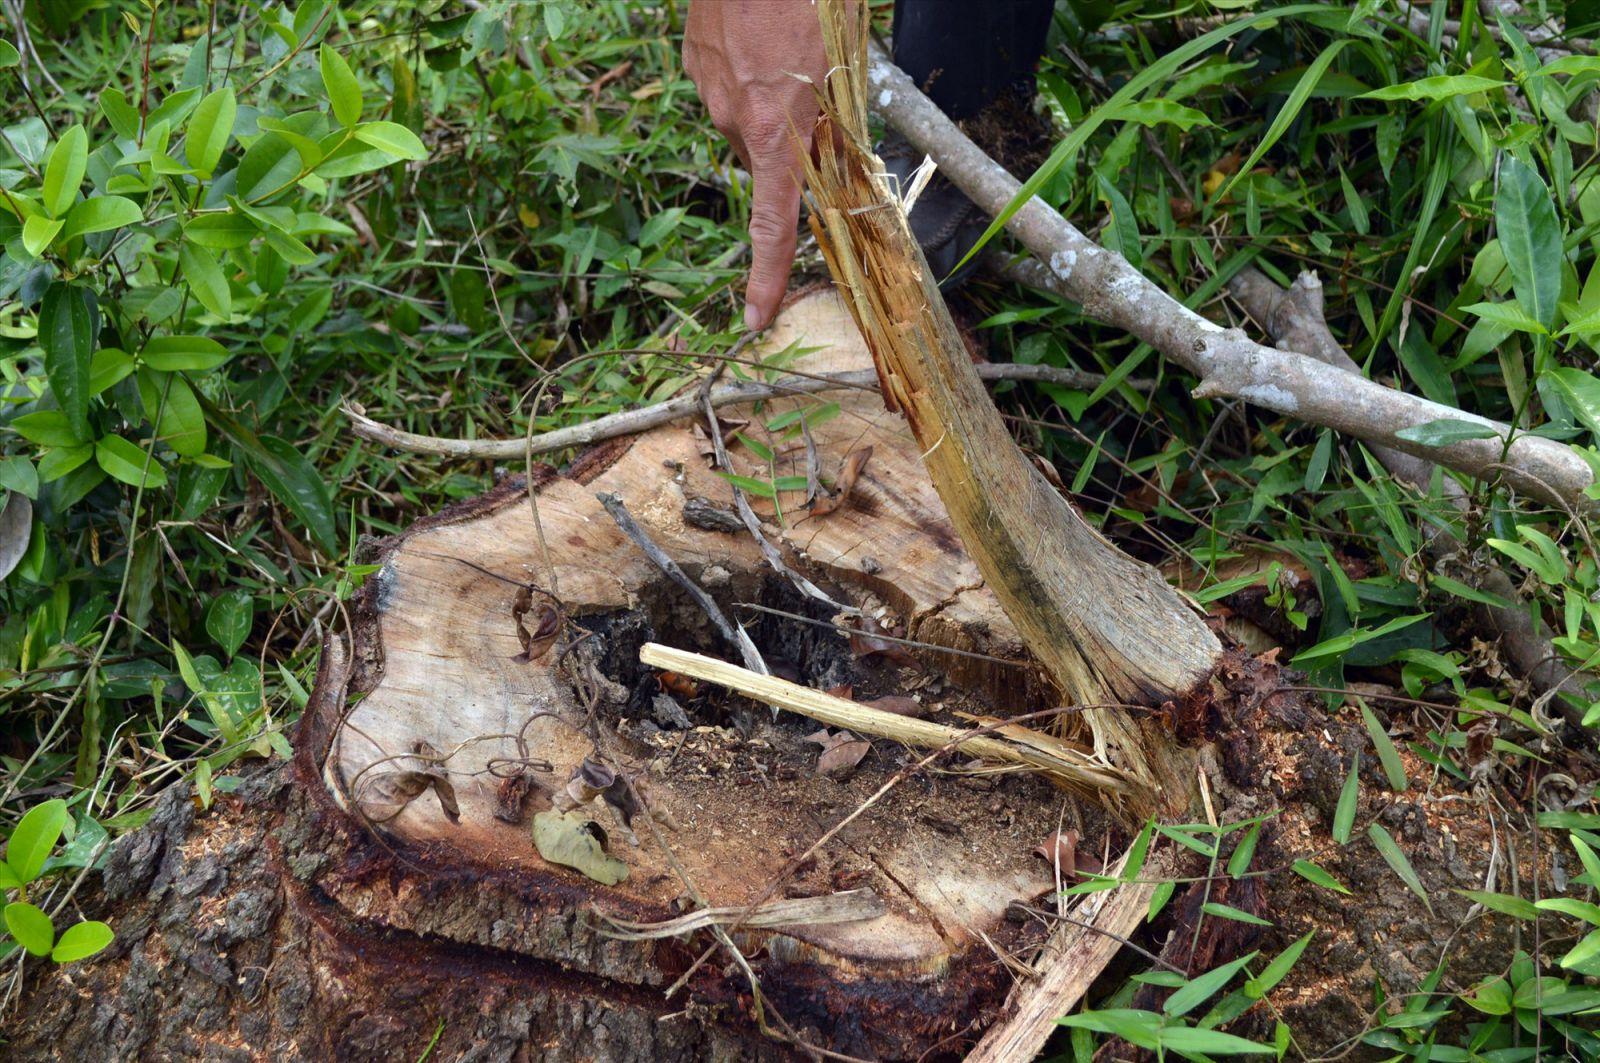 Do bị bỏ hoang không chăm sóc nhiều cây keo trong khu di tịch Mỹ Sơn đã bị mục ruỗng bên trong bắt buộc phải cưa hạ, tránh gây nguy hiểm cho du khách